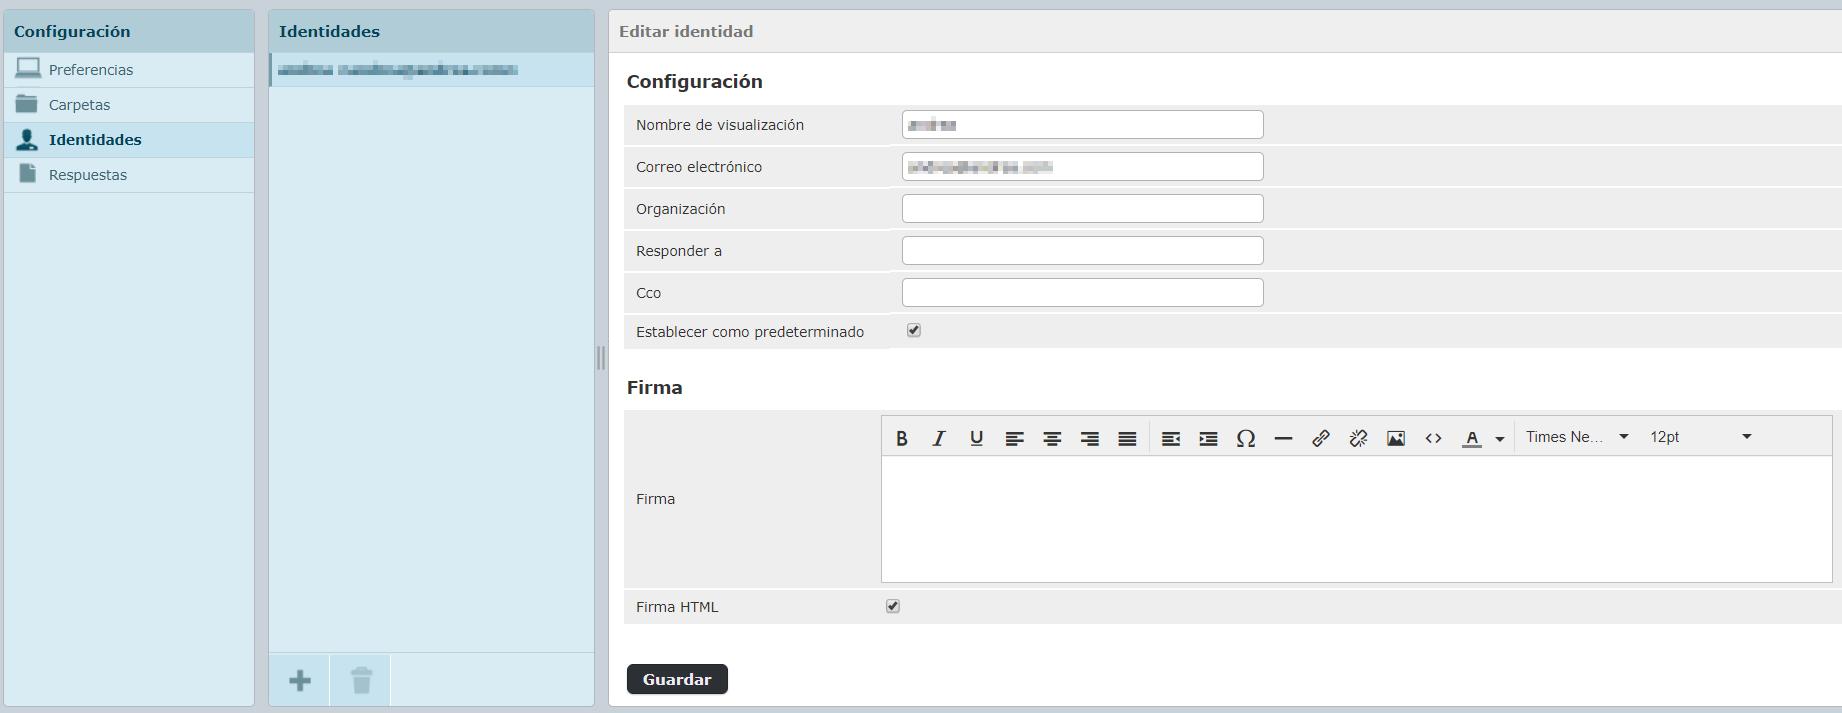 Configuración identidades firma HTML